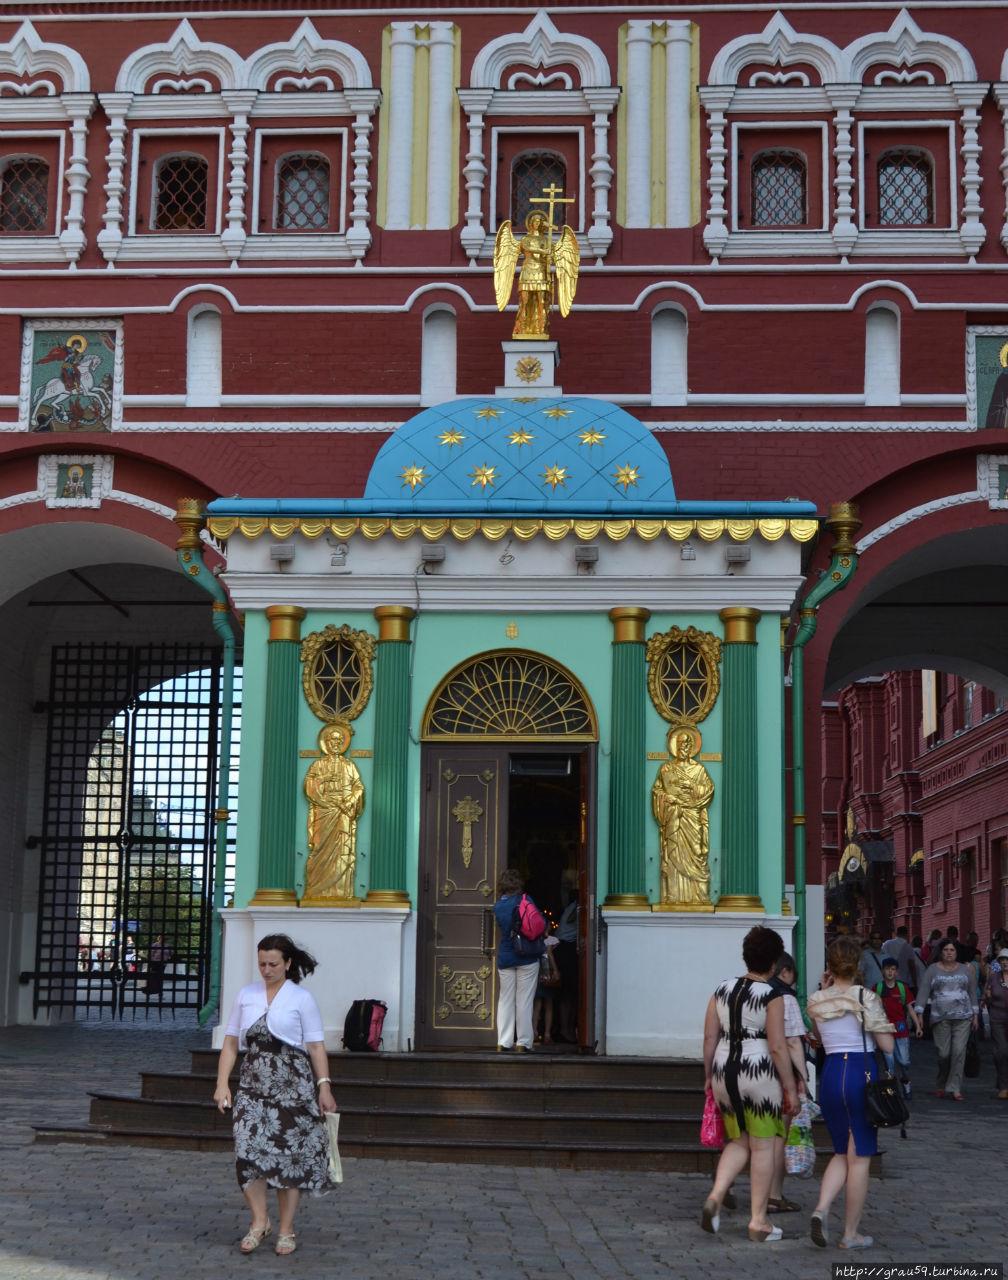 Иверская часовня Москва, Россия